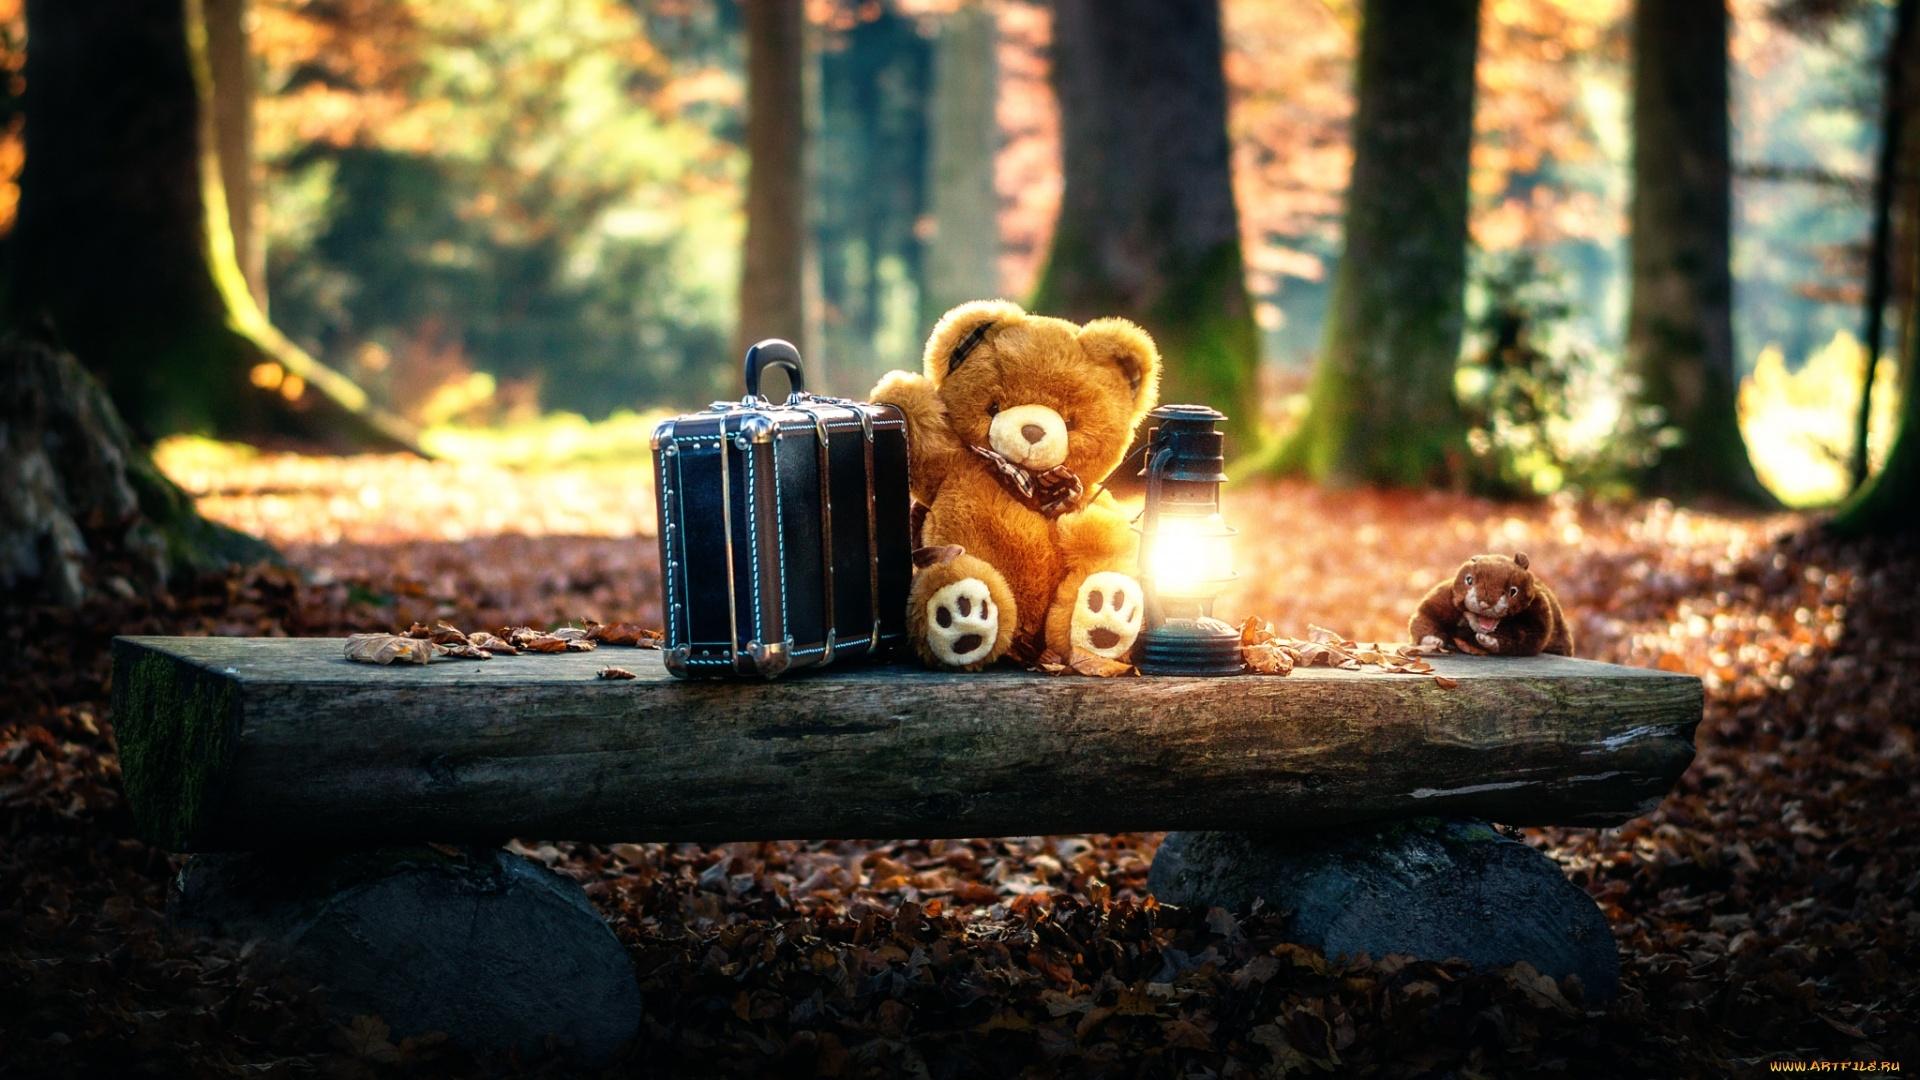 Teddy Bear Wallpaper image hd